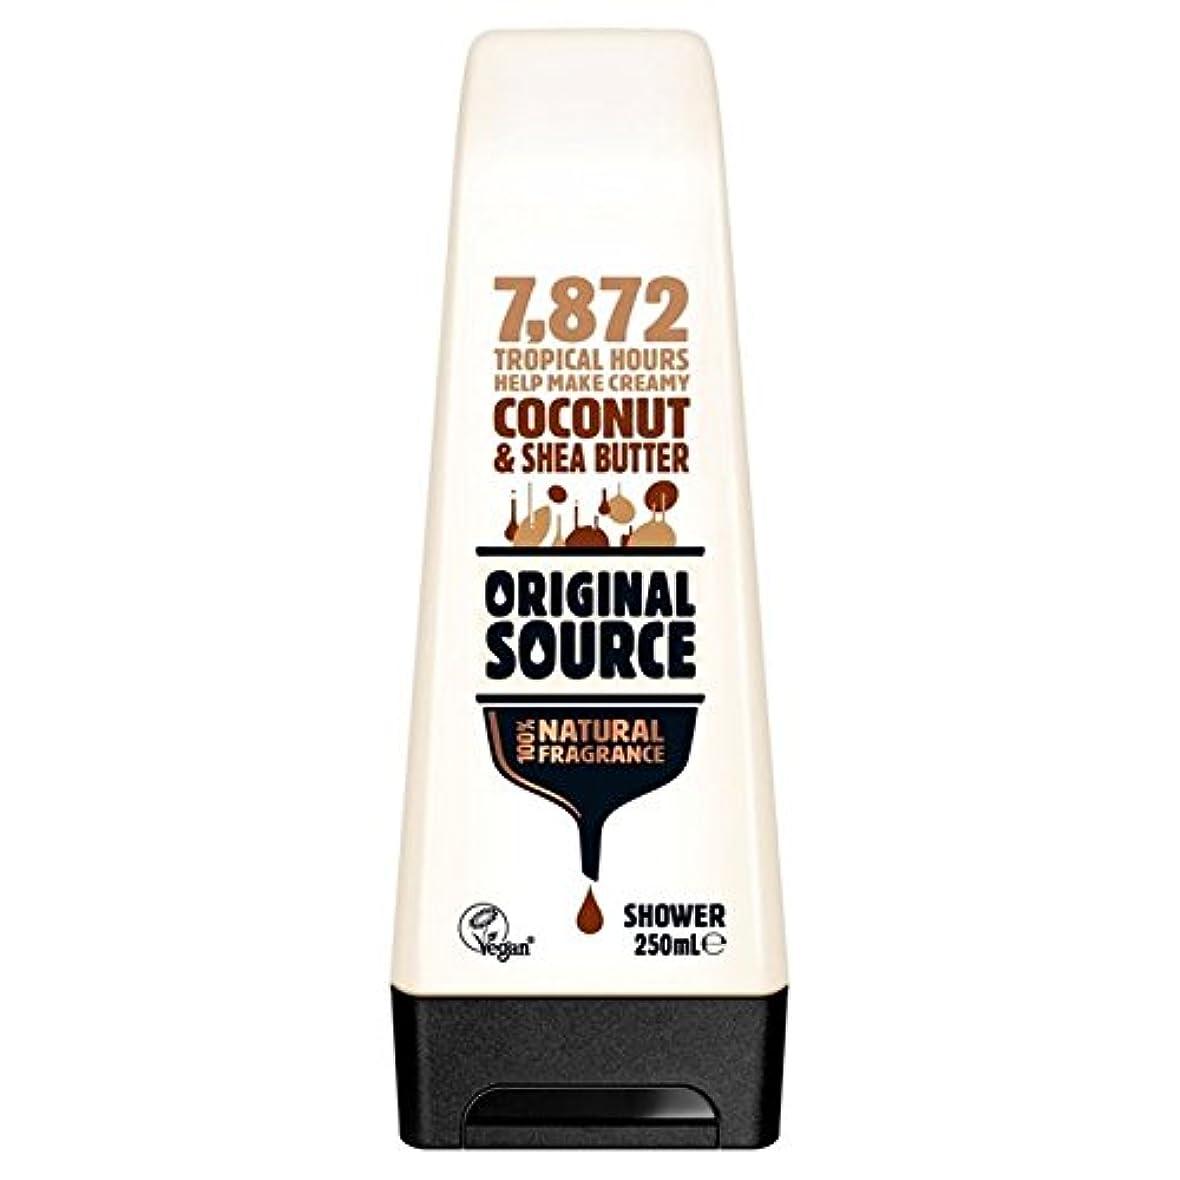 持つプレビスサイト腫瘍Original Source Moisturising Coconut & Shea Butter Shower Gel 250ml (Pack of 6) - 元のソース保湿ココナッツ&シアバターシャワージェル250...